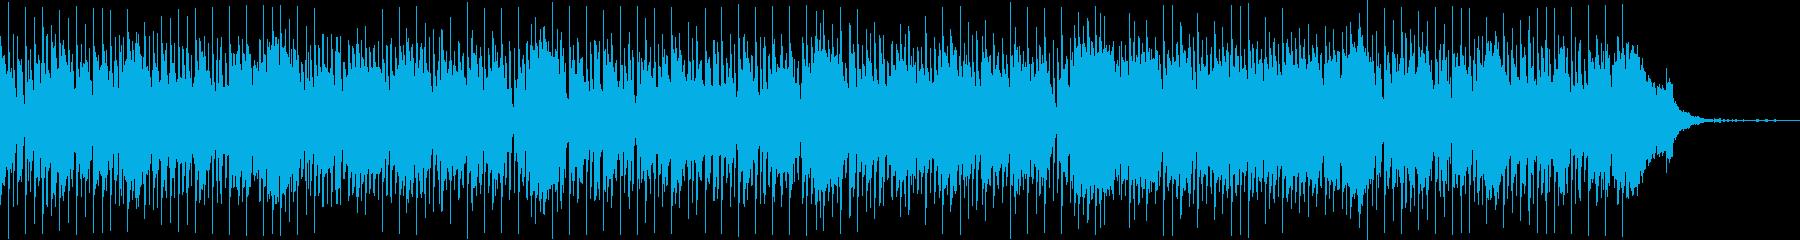 幻想的・ムーディー・おしゃれ・ジャズの再生済みの波形